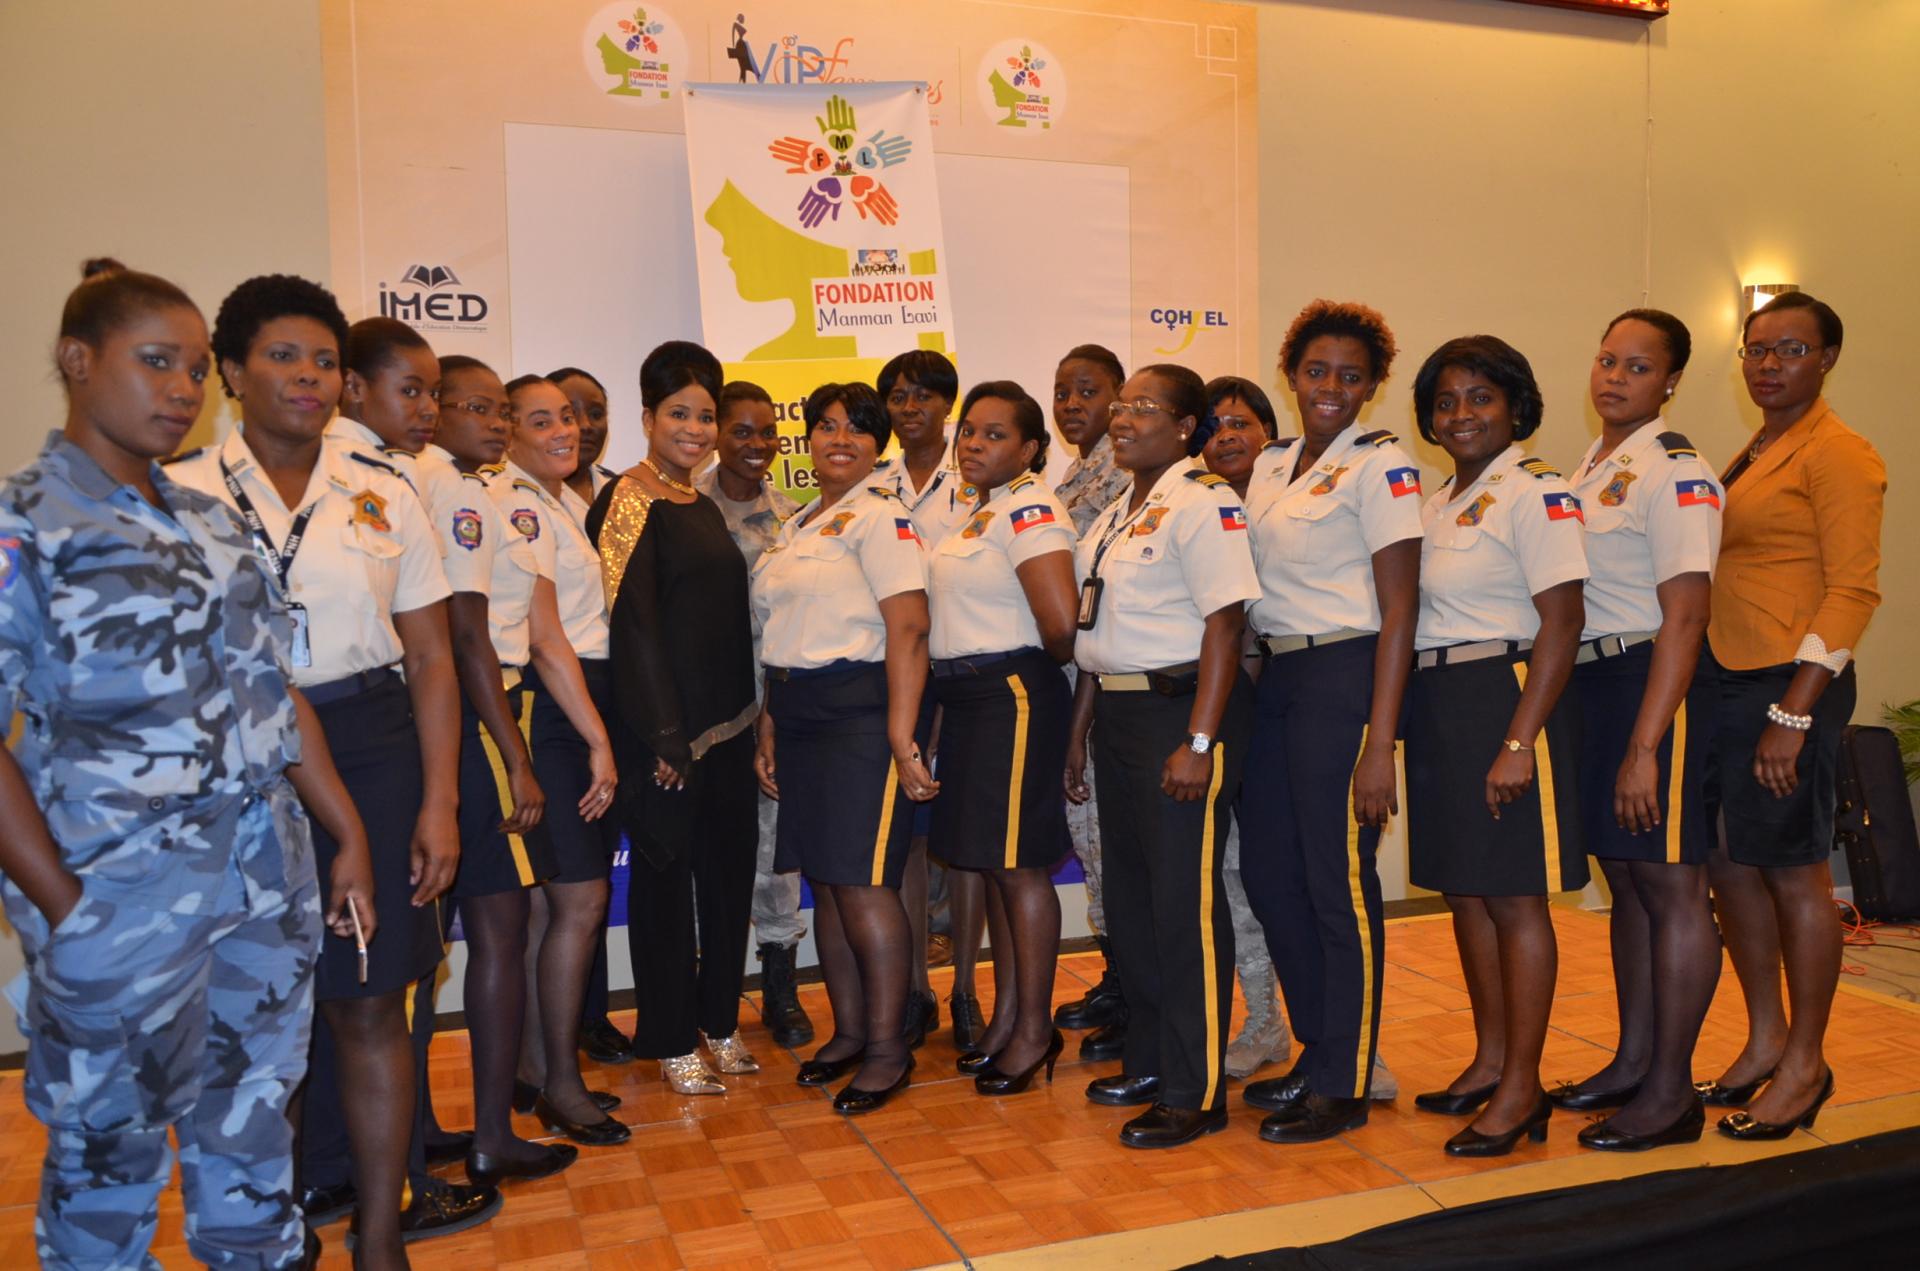 Marie Liliane PDG Manman lavi accompagné l'équipe féminine de la Police Nationale D'Haïti